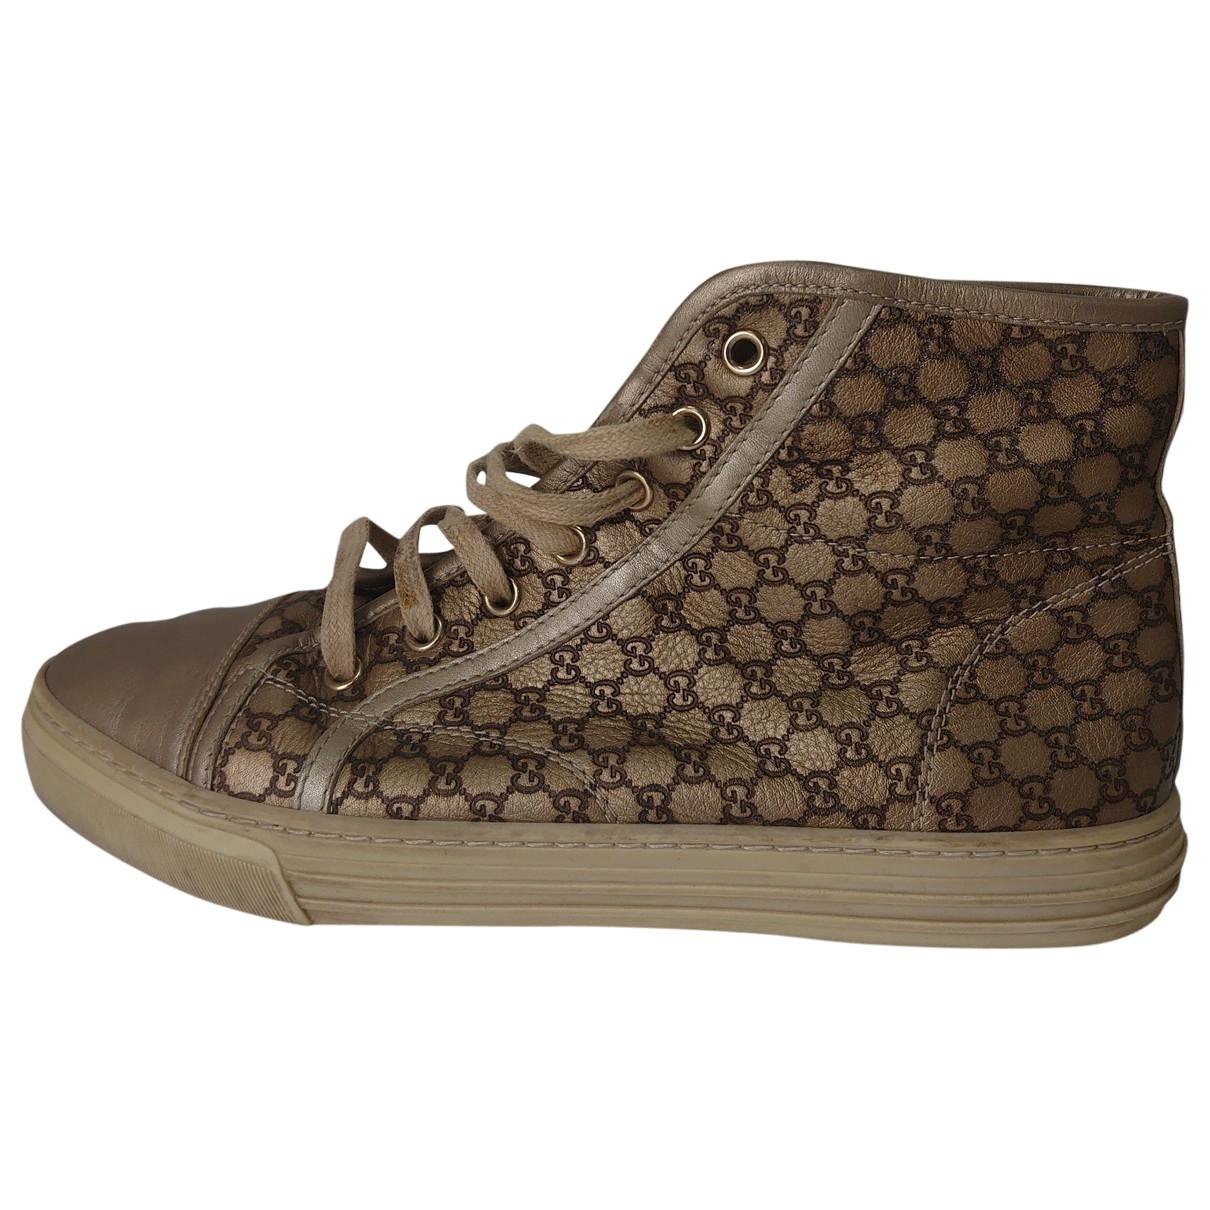 Gucci - Baskets   pour femme en cuir - beige